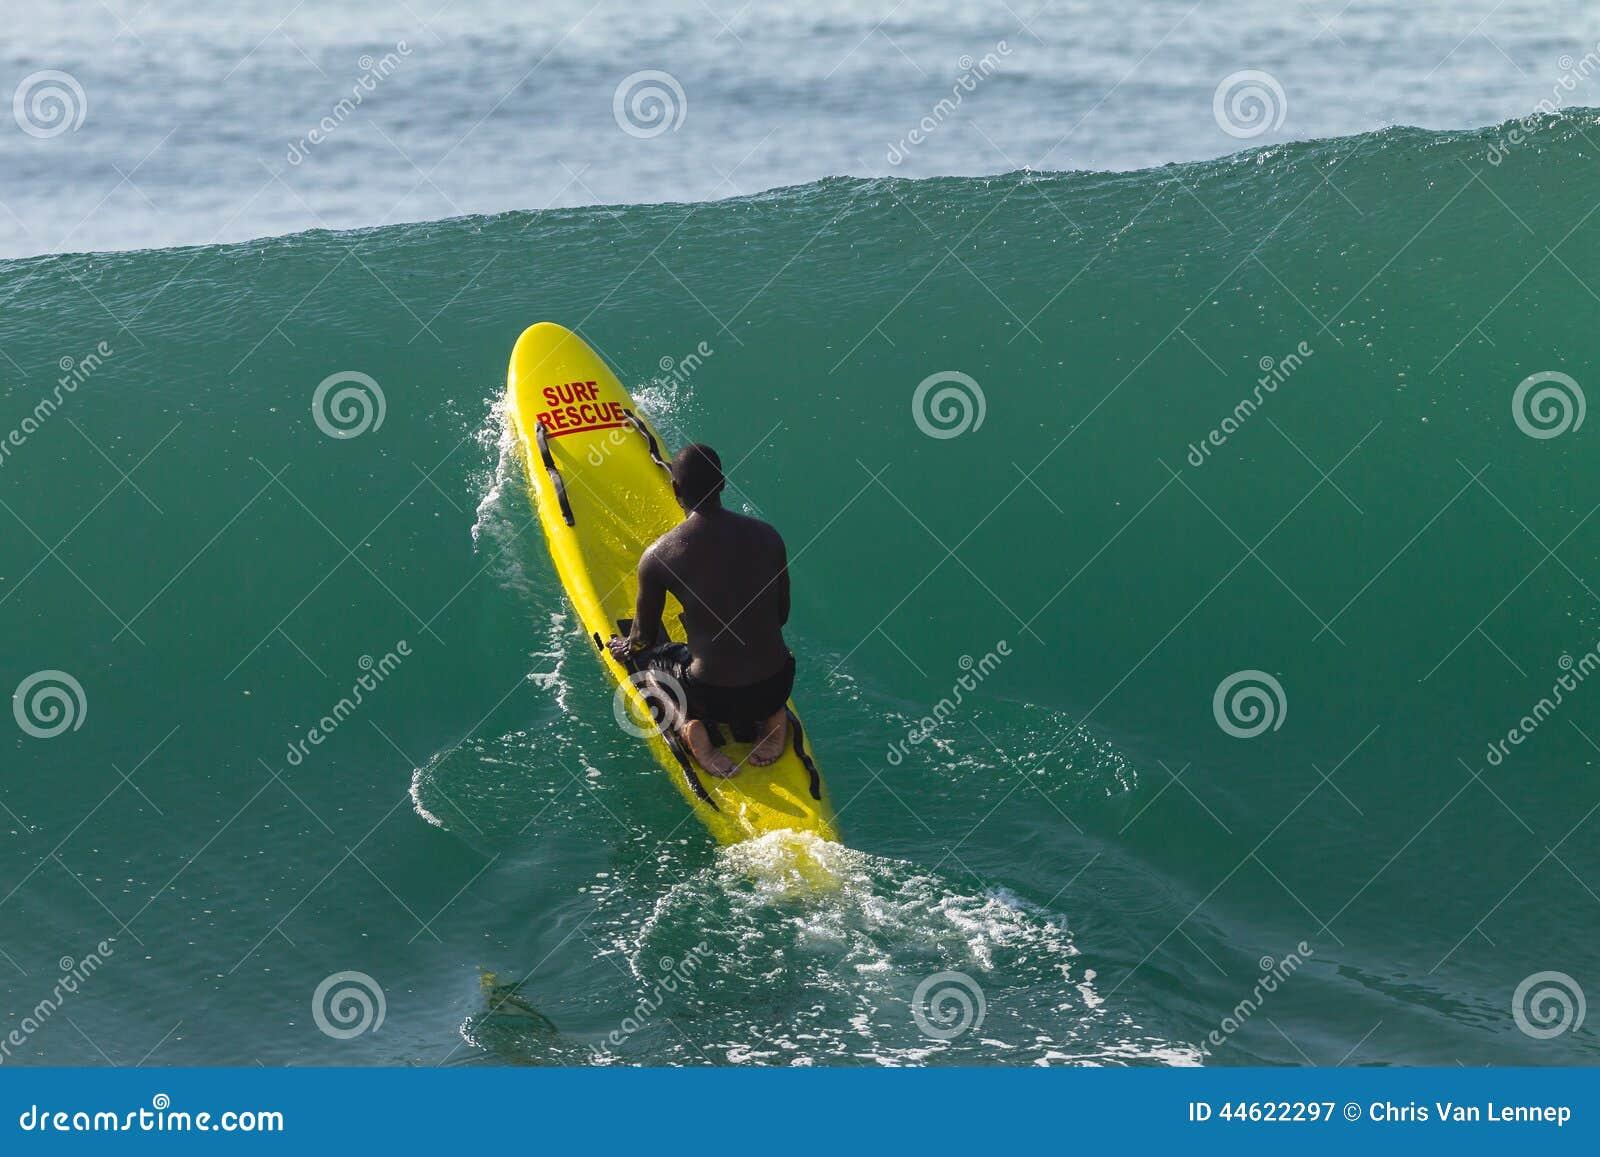 Rescate Ski Craft Waves Surfing de la salvación